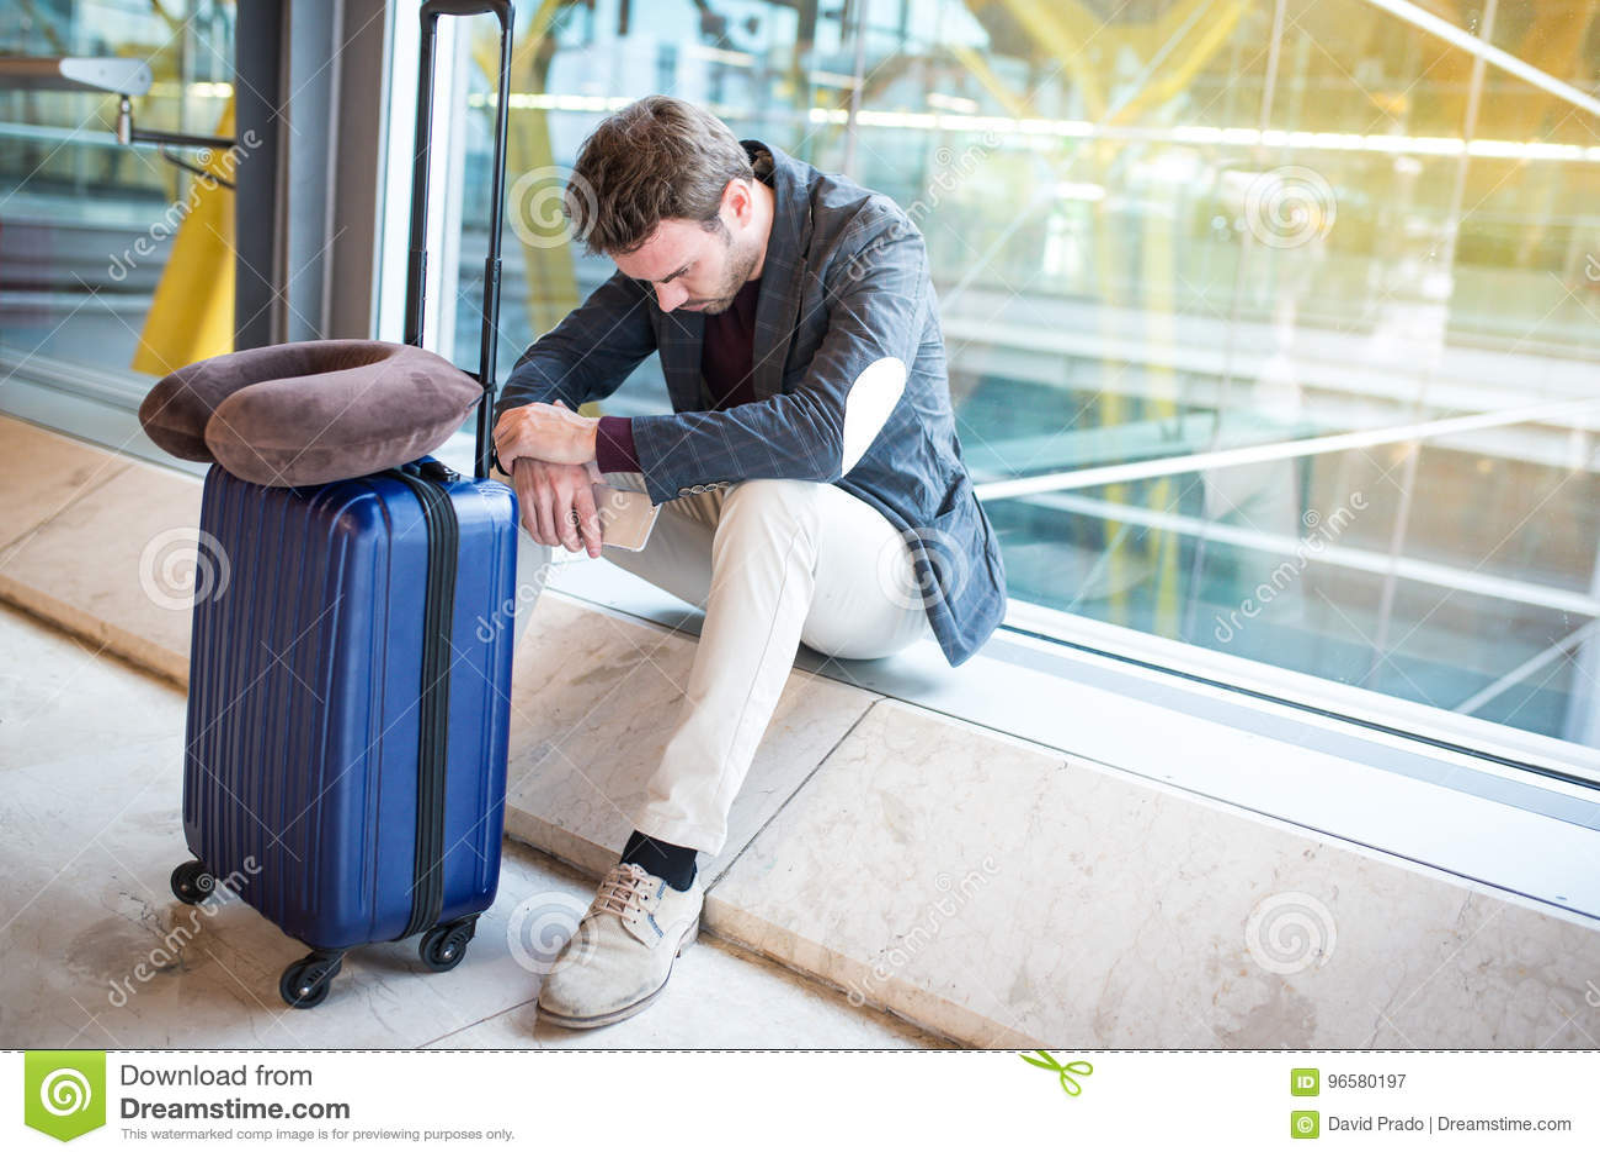 Mens verstoord, droevig en de boos bij de luchthaven wordt zijn vlucht vertraagd